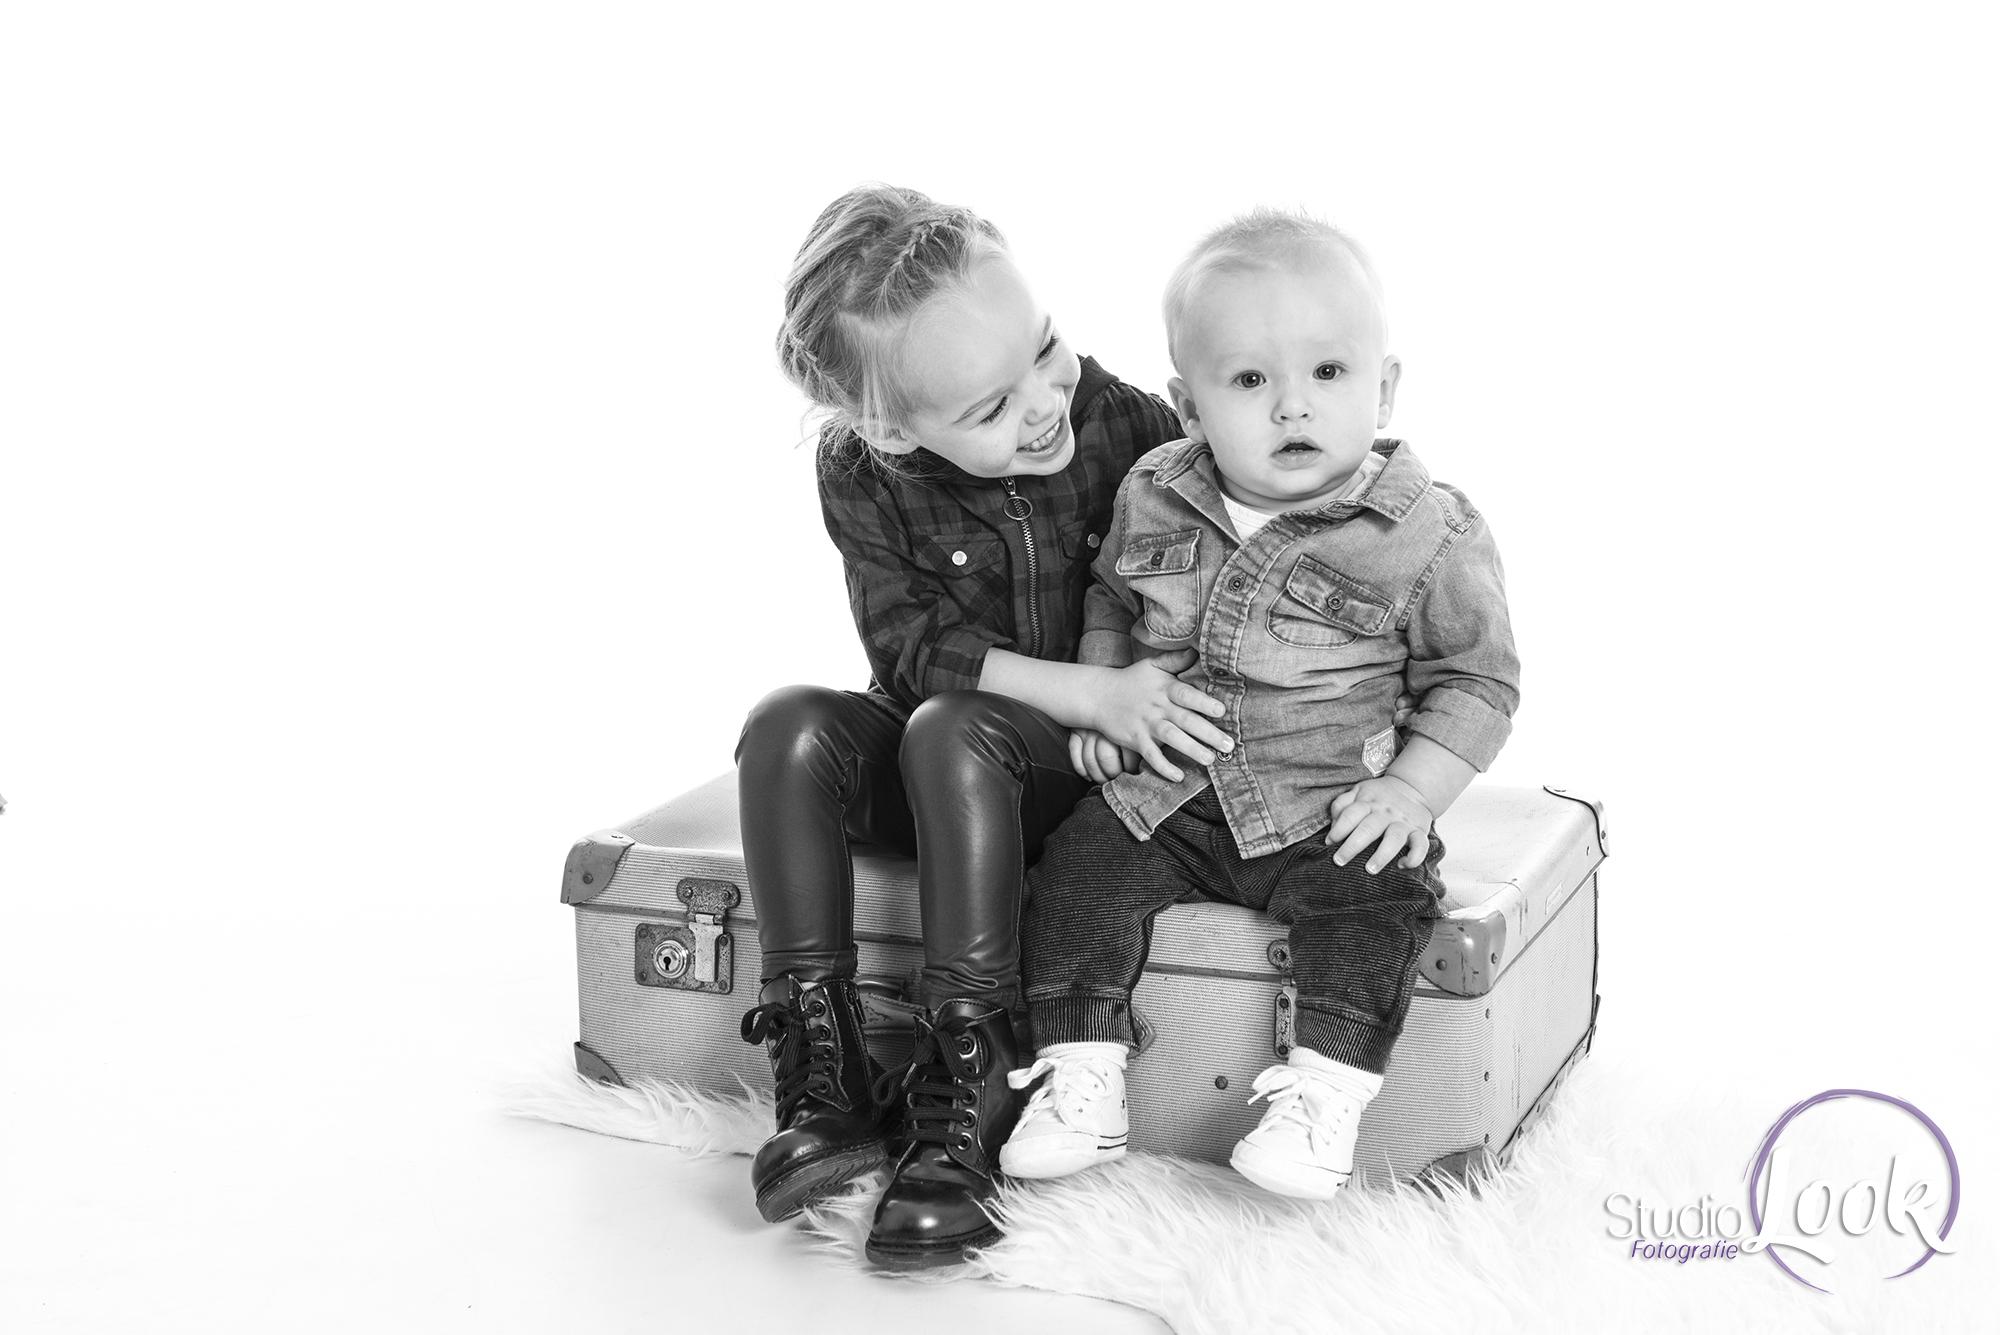 Familieshoot-Studio-Look3